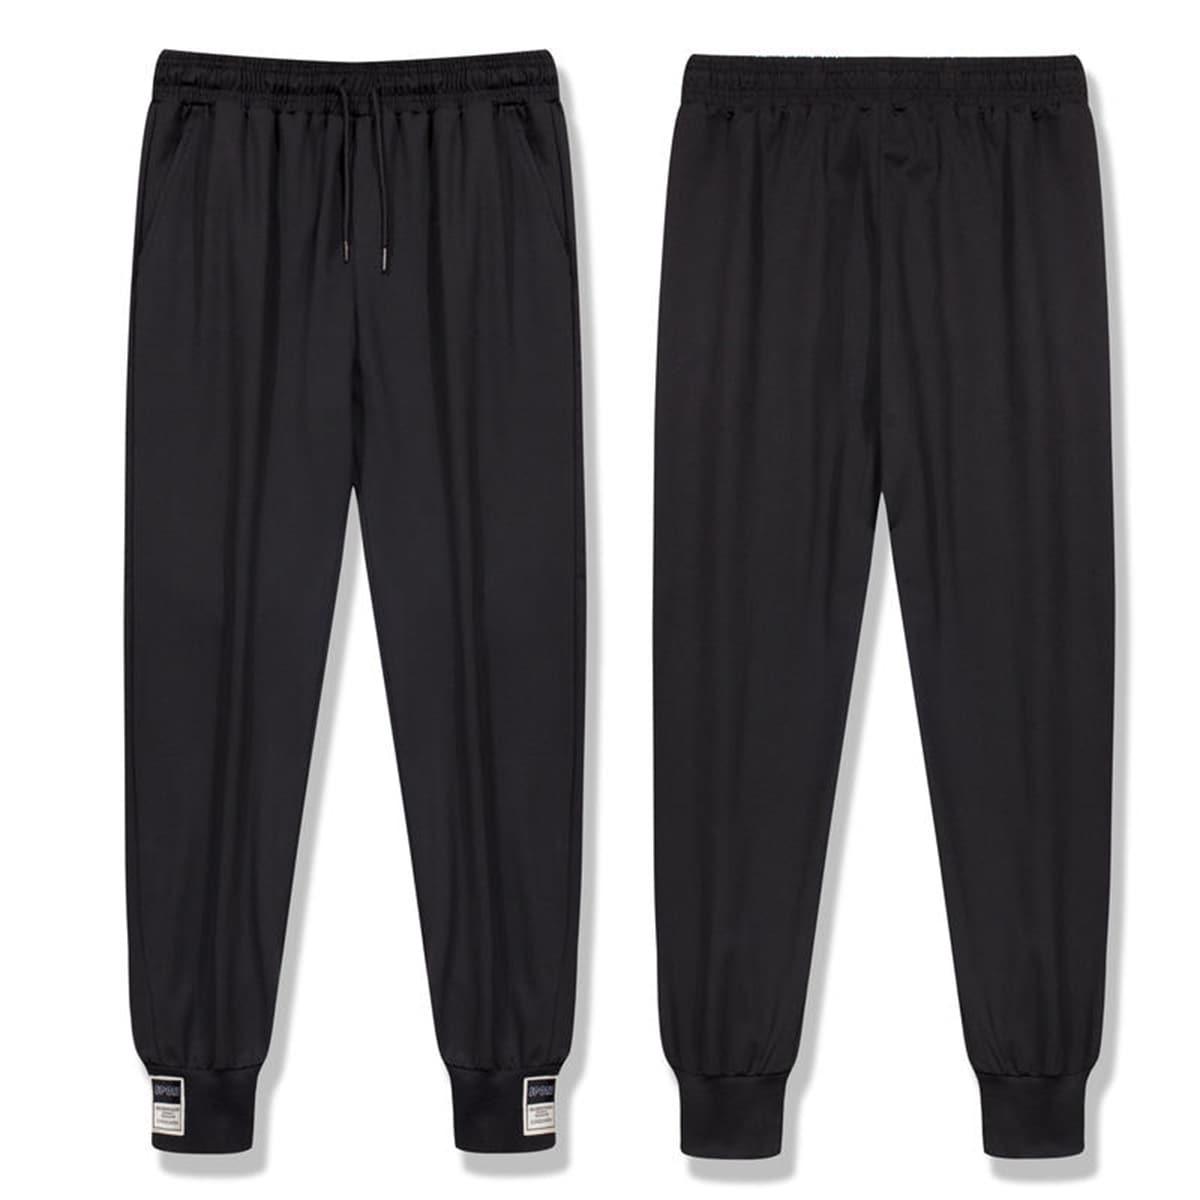 Мужские спортивные брюки с нашивкой и кулиской